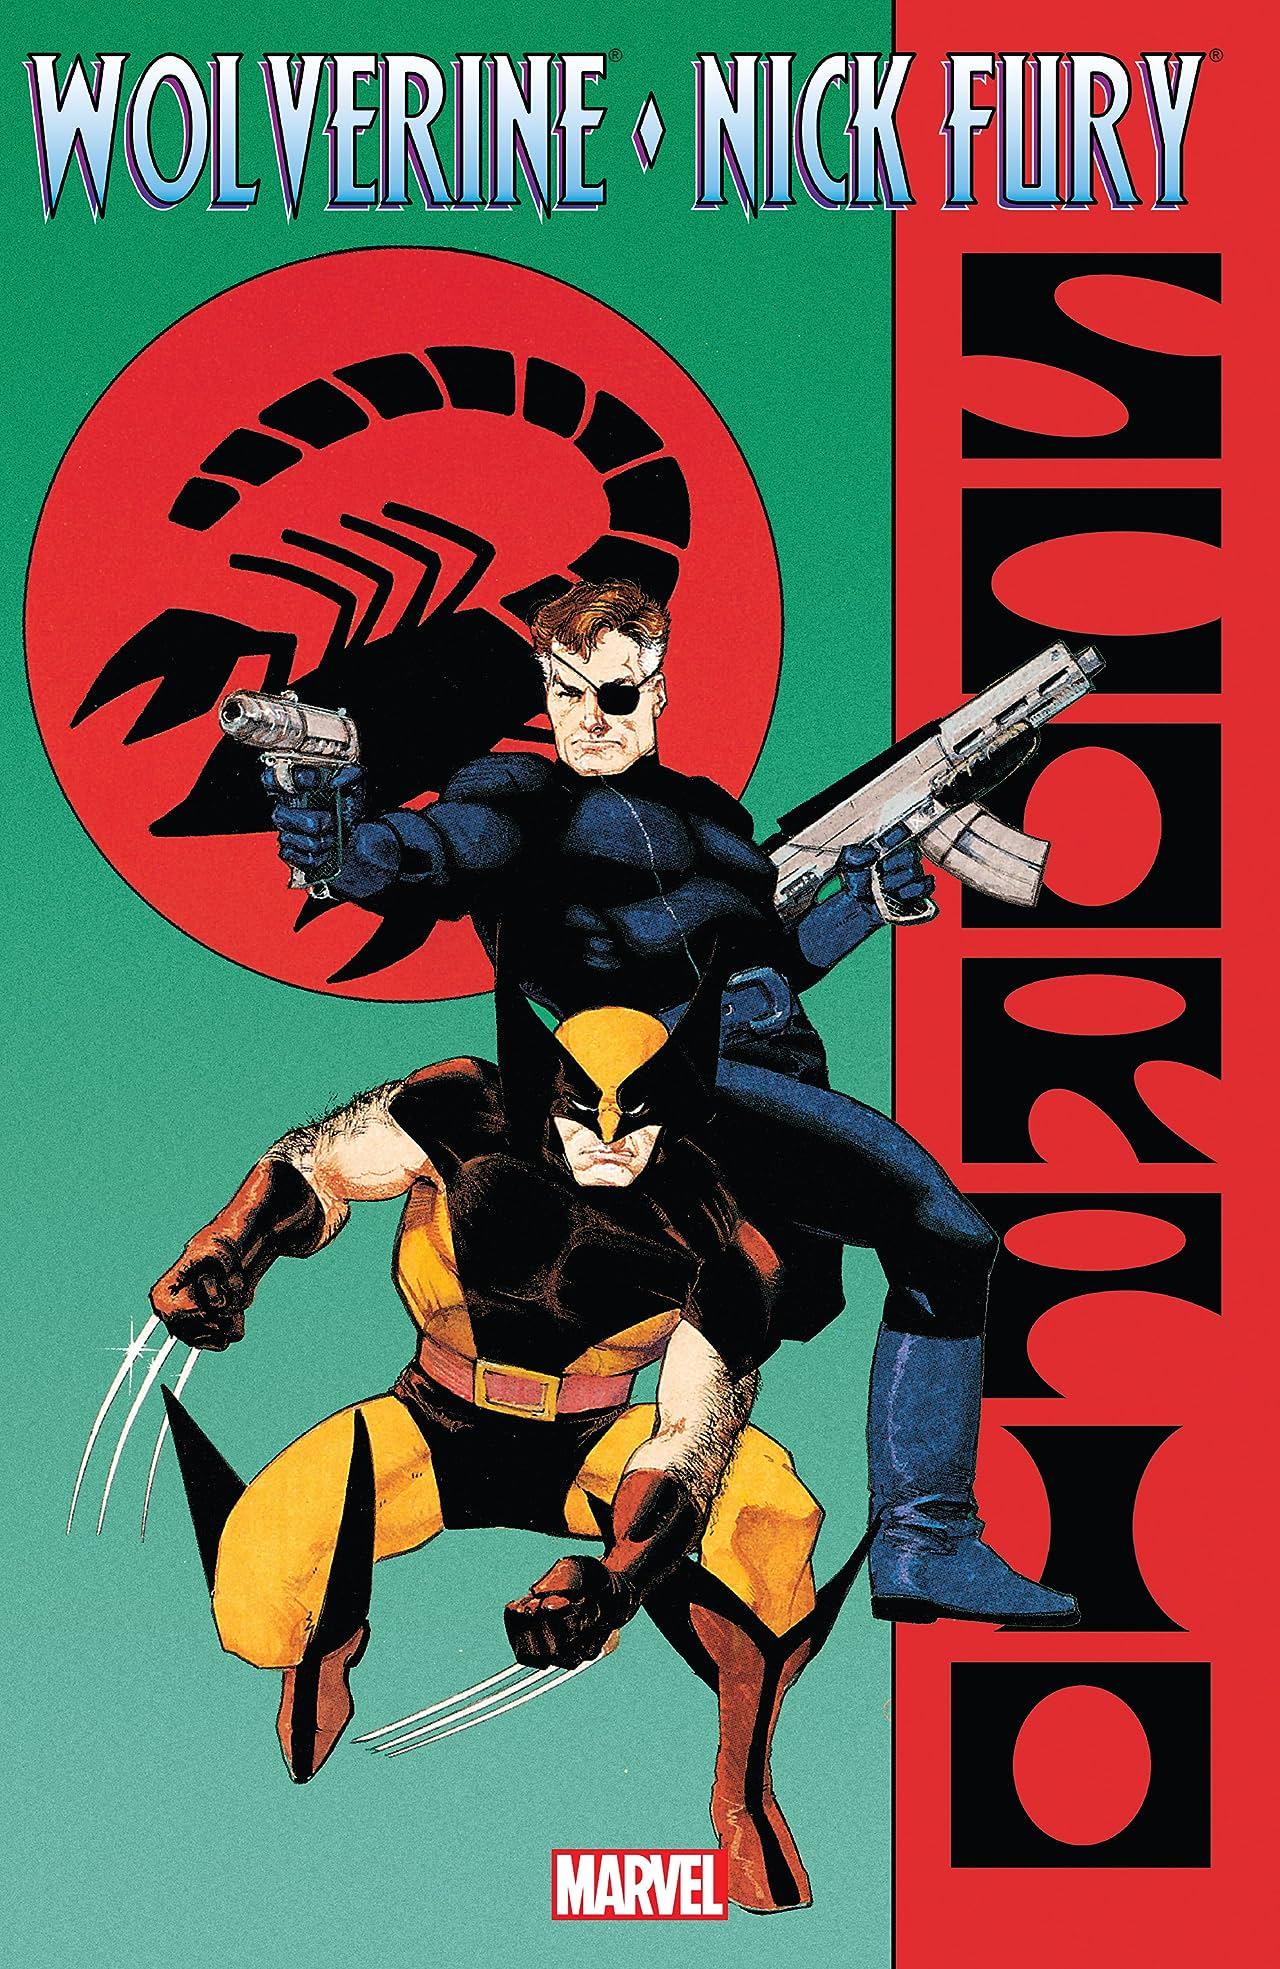 Wolverine & Nicky Fury: Scorpio